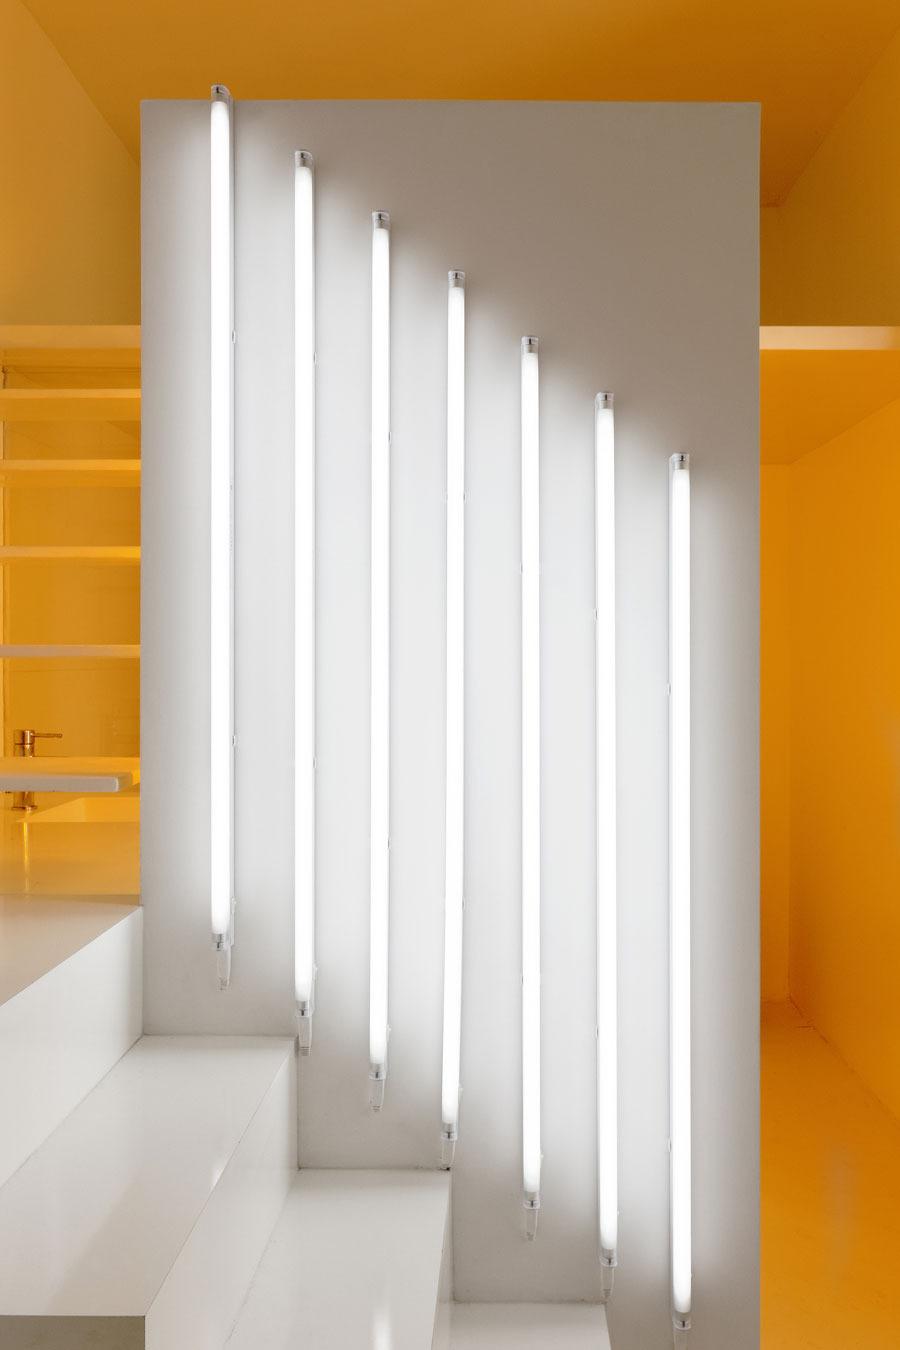 Белые вертикальные лампы на стене